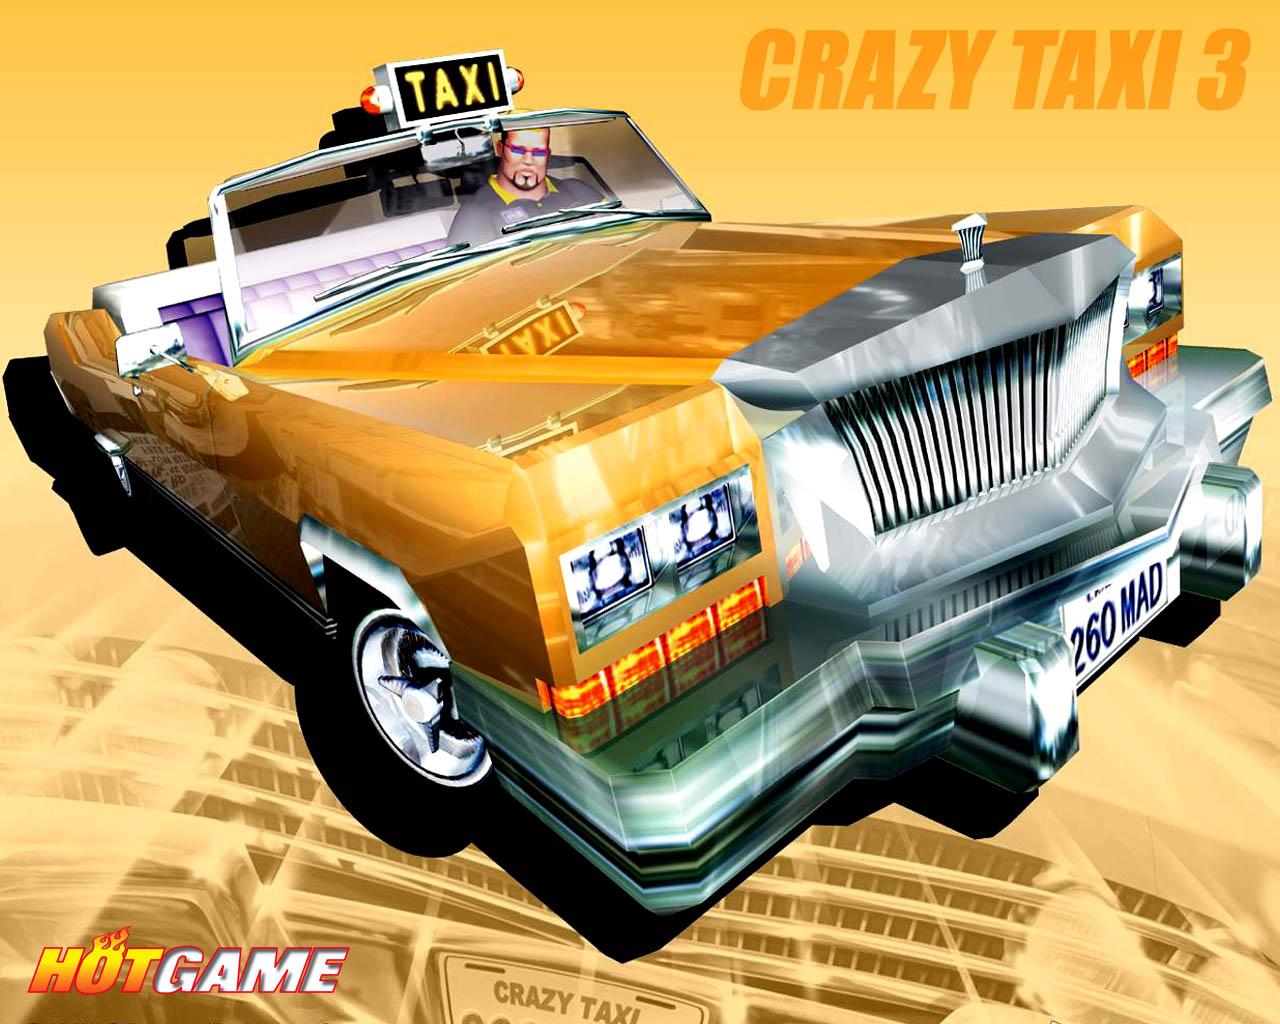 http://3.bp.blogspot.com/-hDtHnoeep-Y/UTWpp1cfIQI/AAAAAAAABHs/SGAV6fAUIAU/s1600/Crazy+Taxy+3.jpg